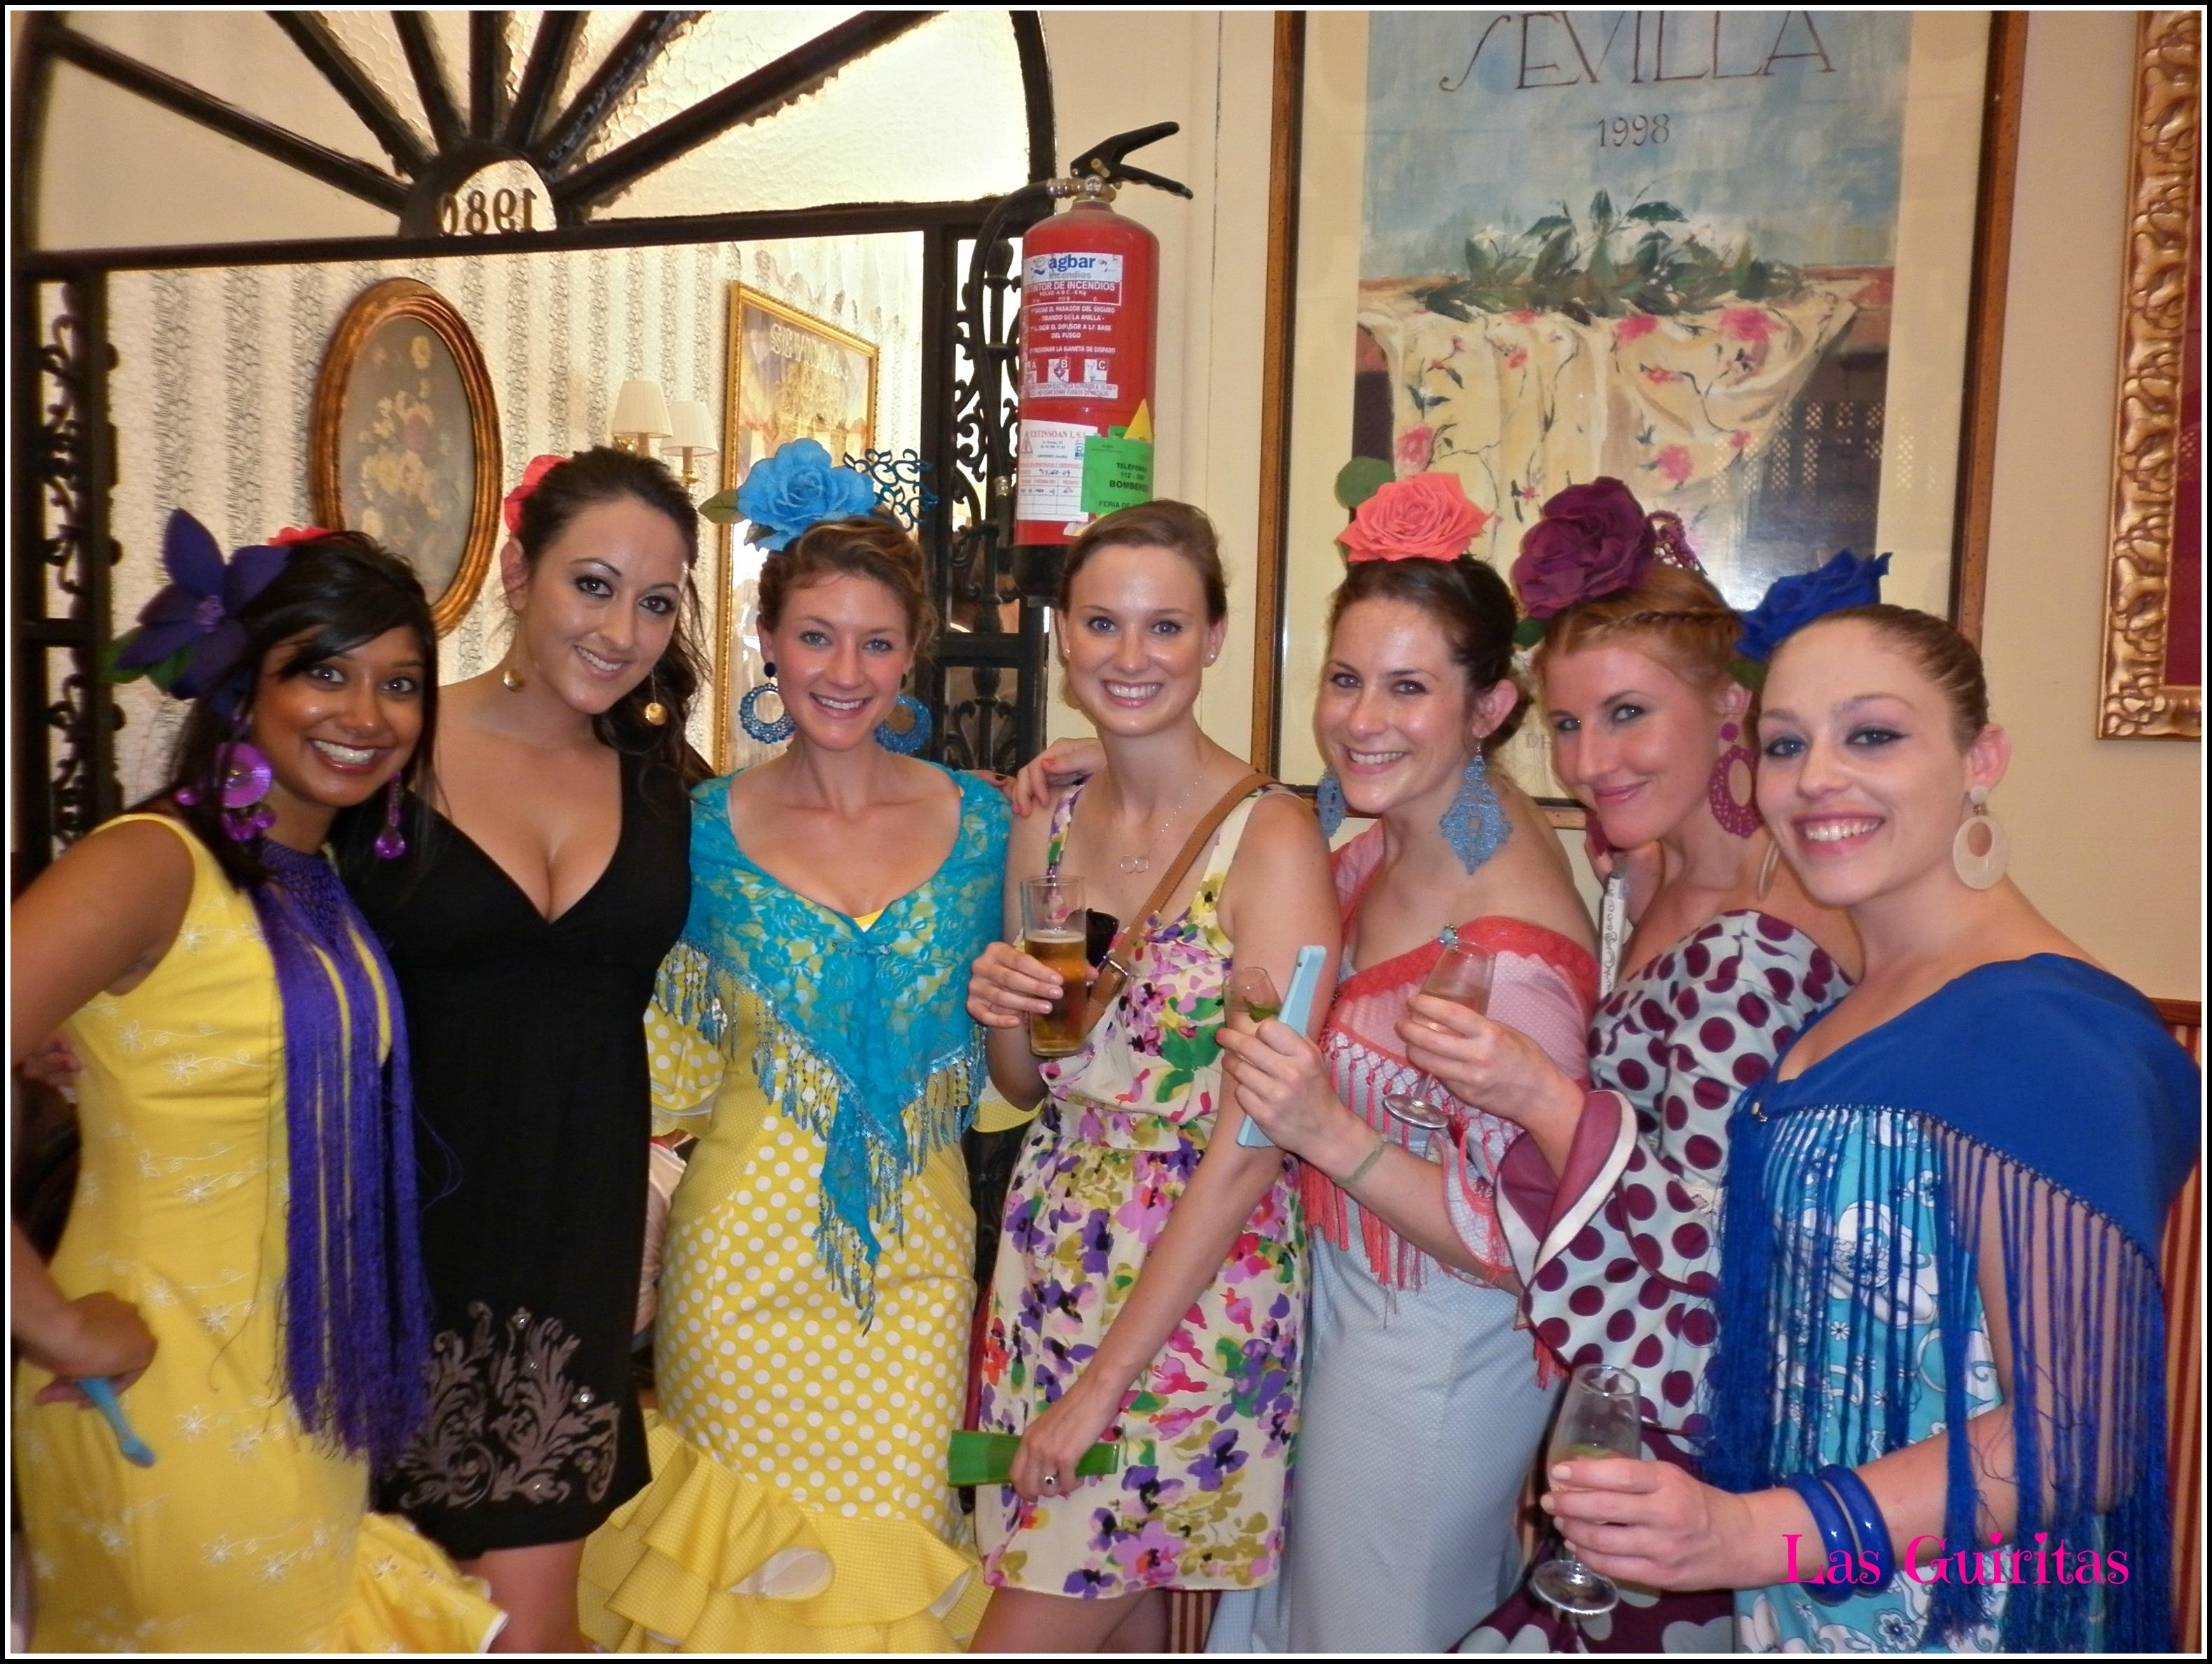 e956b03f0f2 spanish american girls at the feria de sevilla